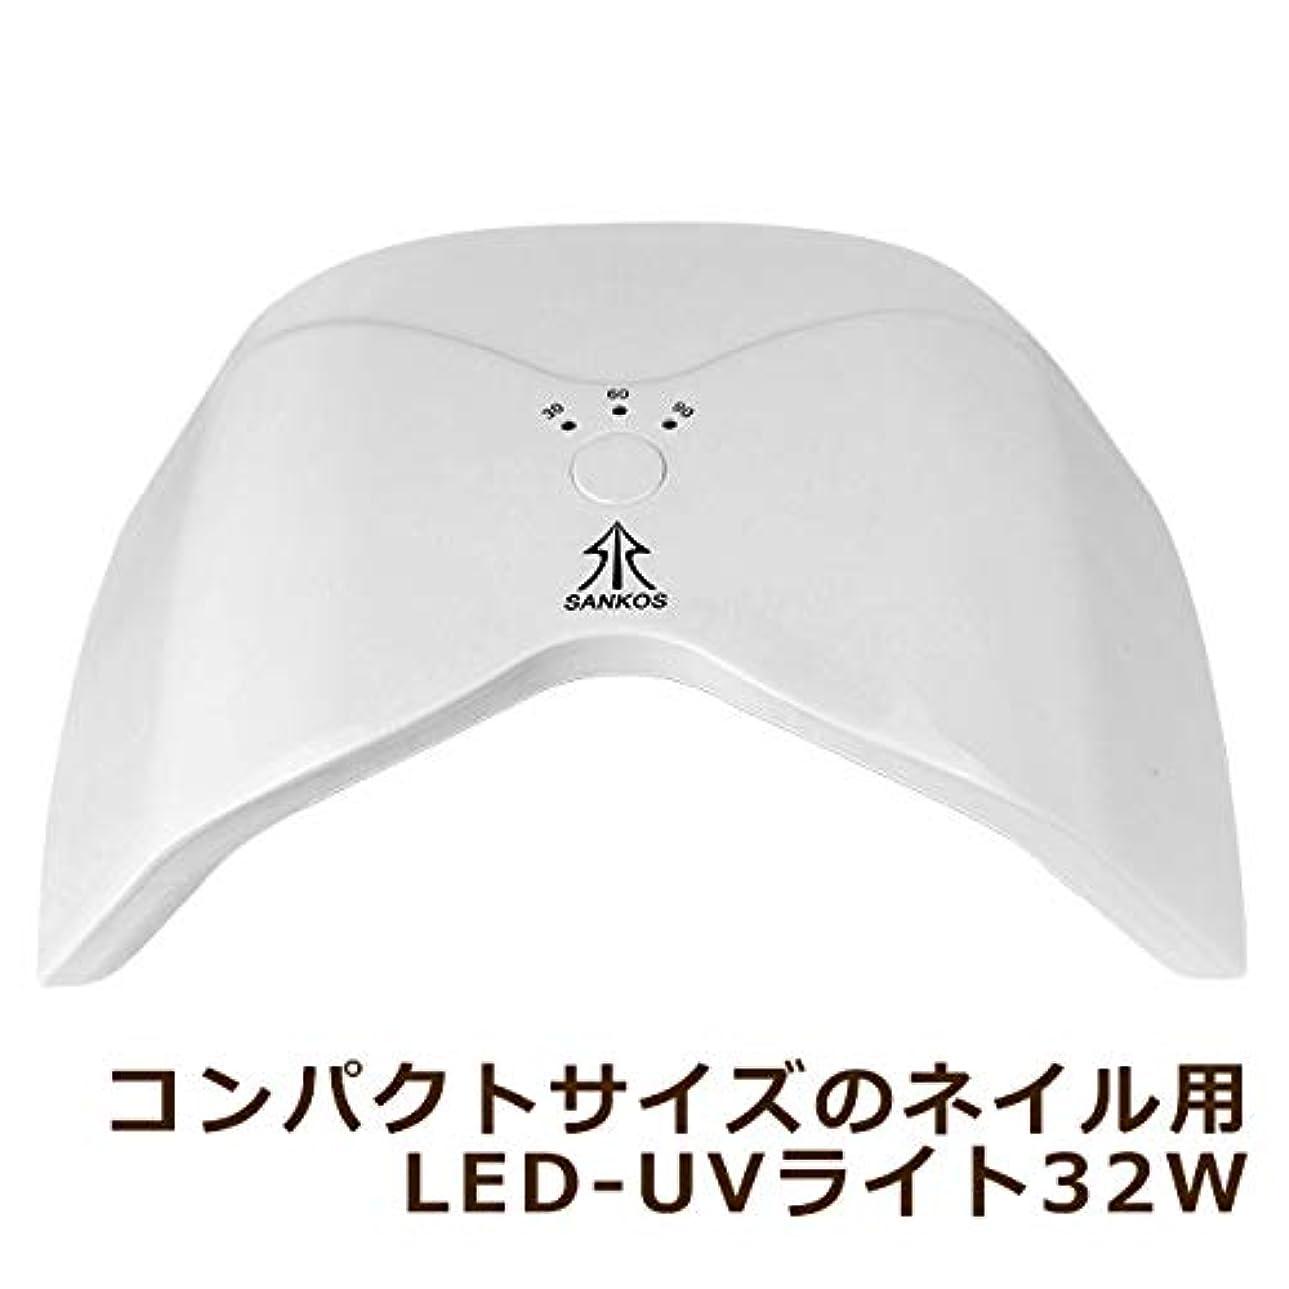 ルネッサンス額悪行【新入荷】コンパクトサイズ ネイル用 LED-UVライト 32W (LED&UV両方対応)30秒?60秒?90秒タイマー付 (ホワイト)